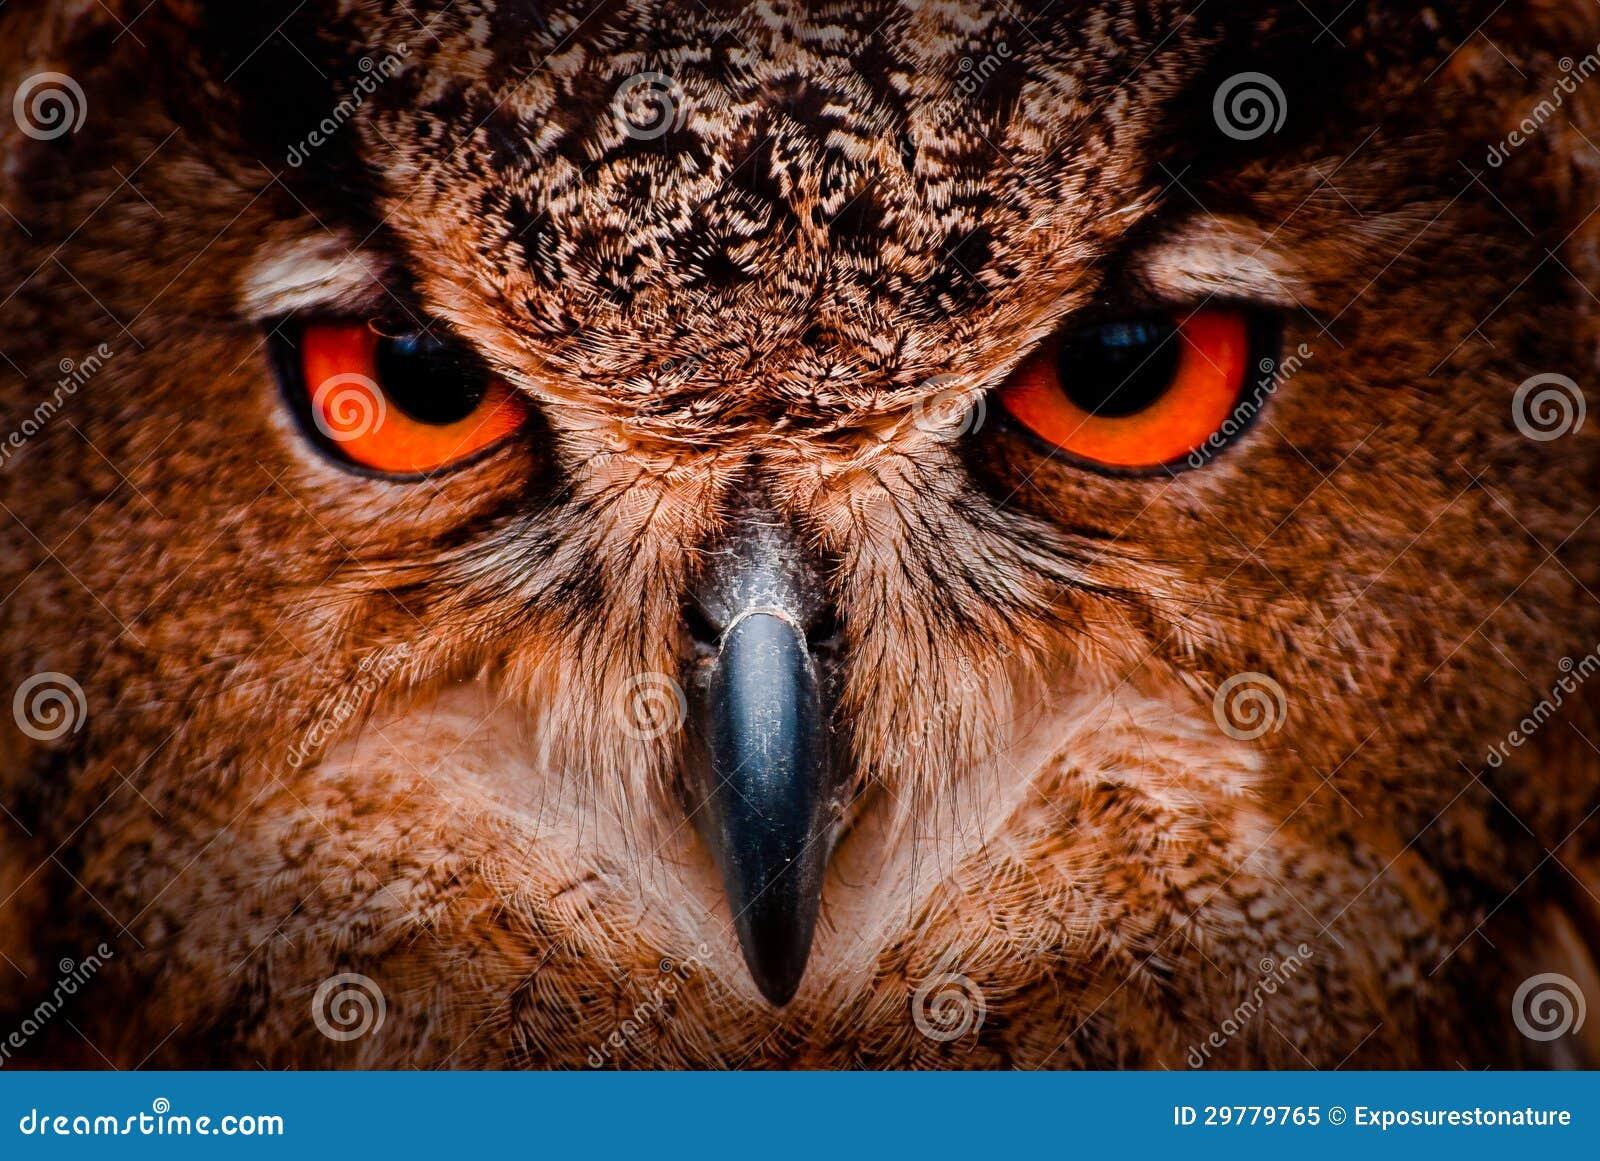 明智的老猫头鹰眼睛